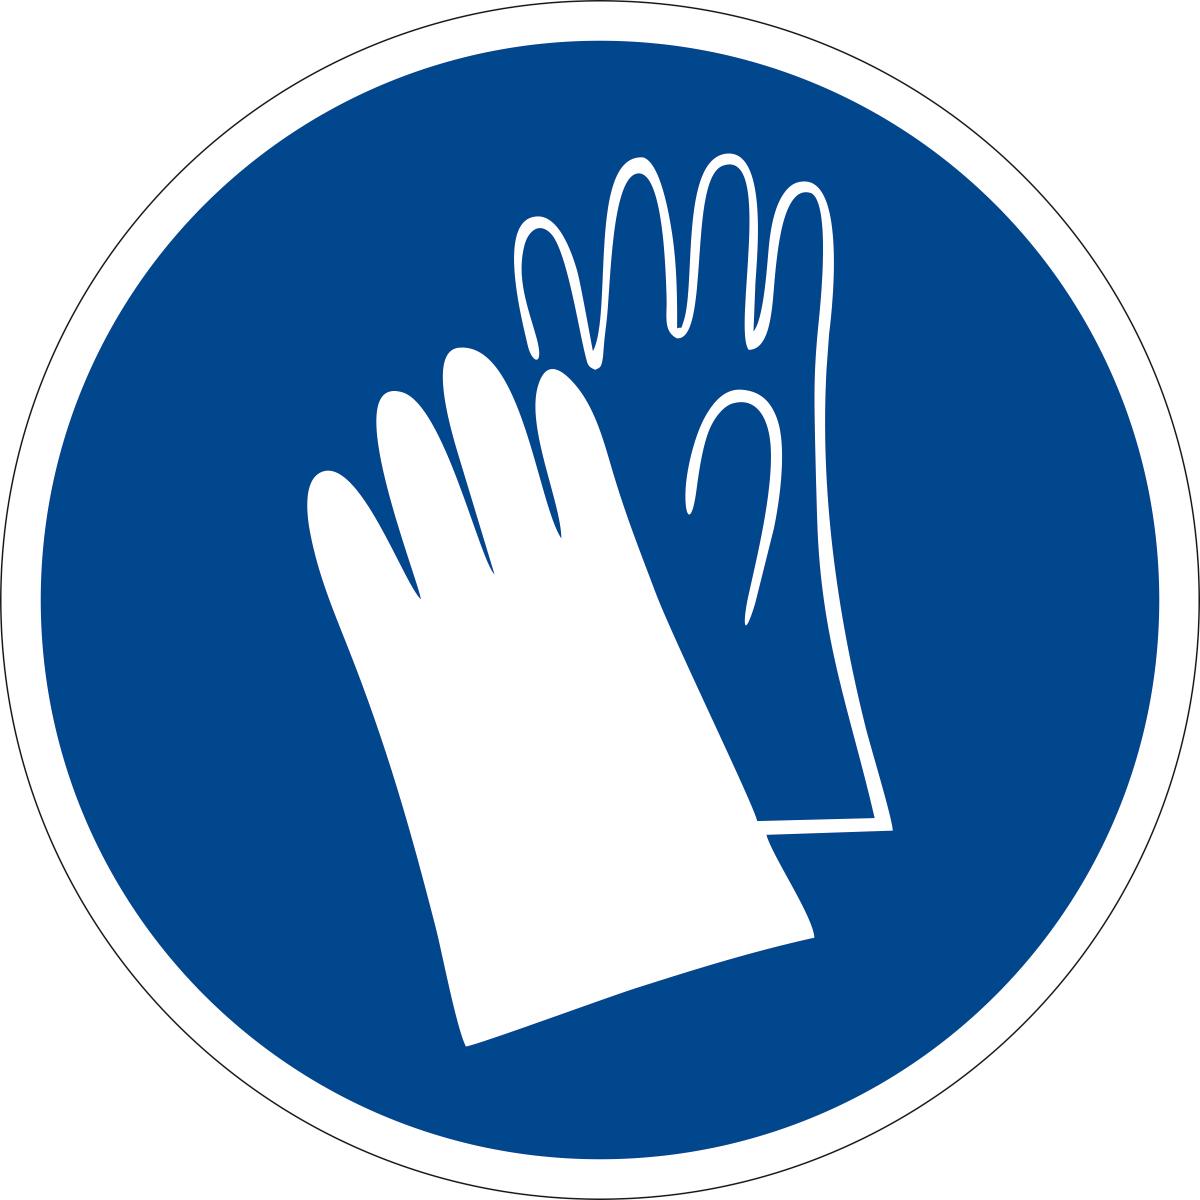 Наклейка информационная Оранжевый Слоник Работать в защитных перчатках, 15 х 15 см таблички информационные оранжевый слоник наклейка информационная место для мусора 2 шт